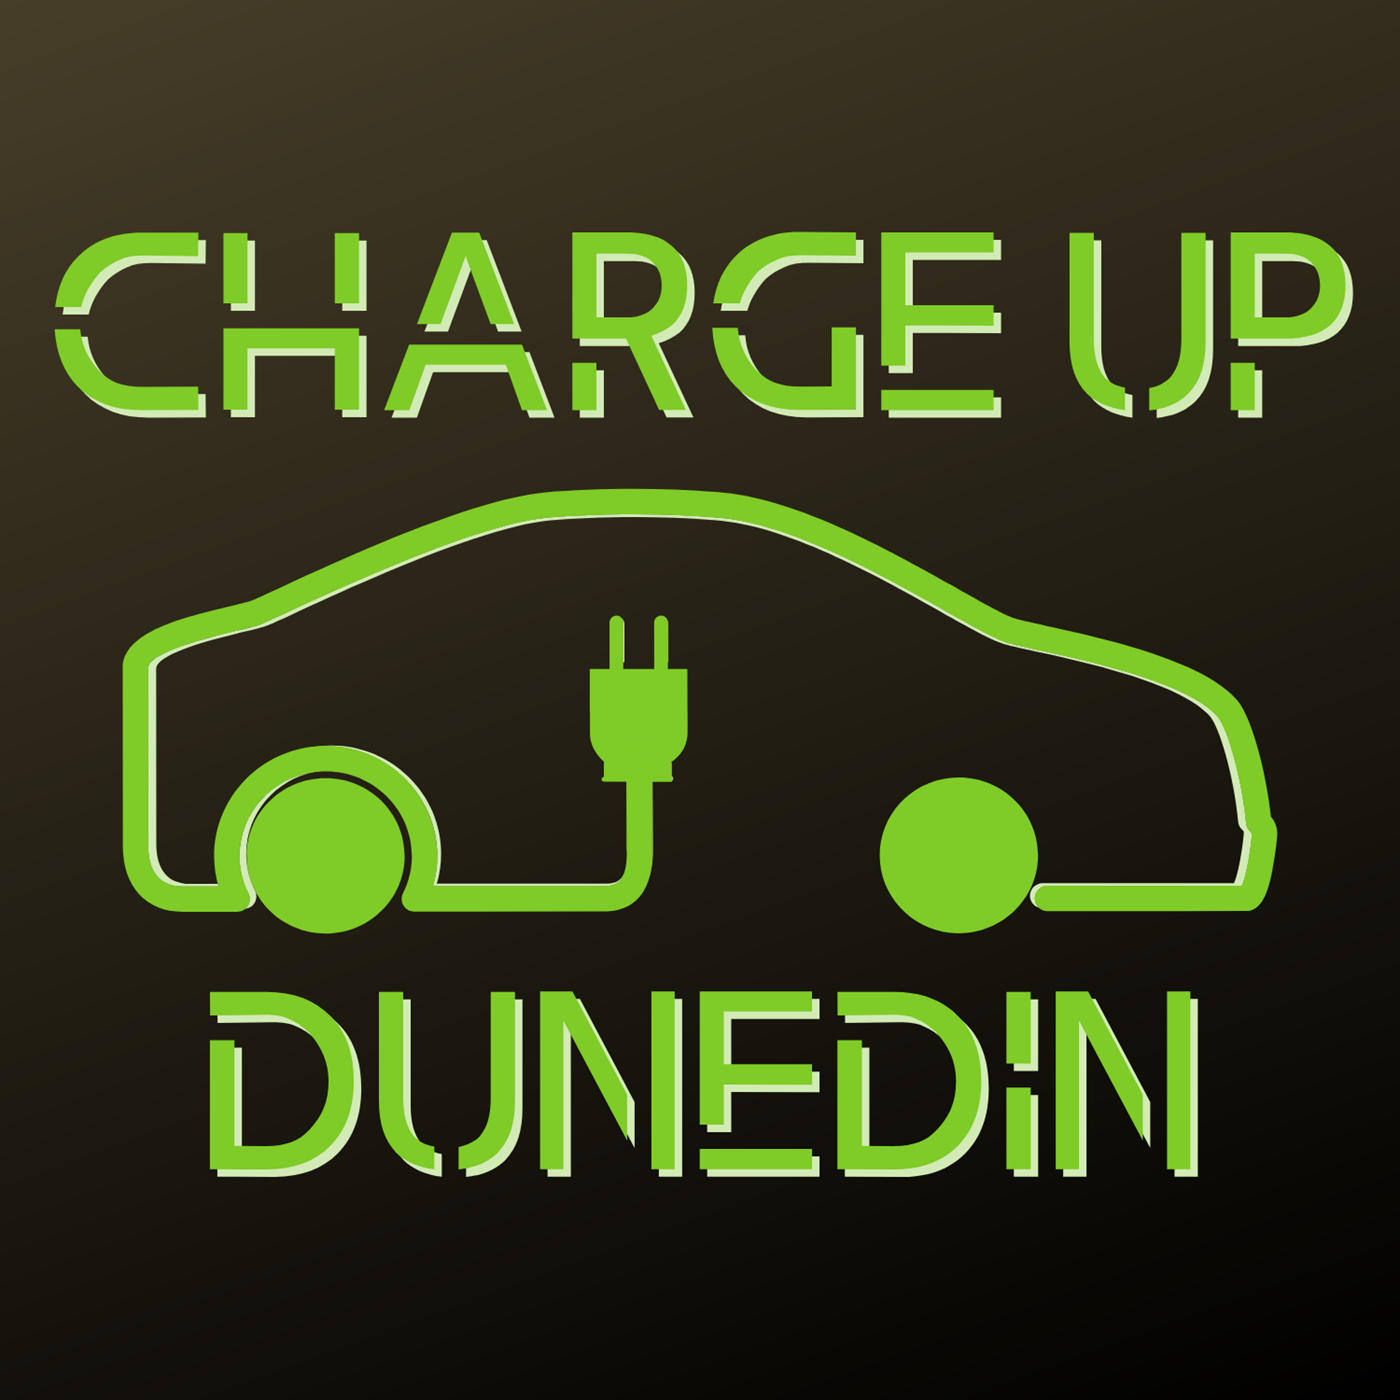 Charge Up Dunedin